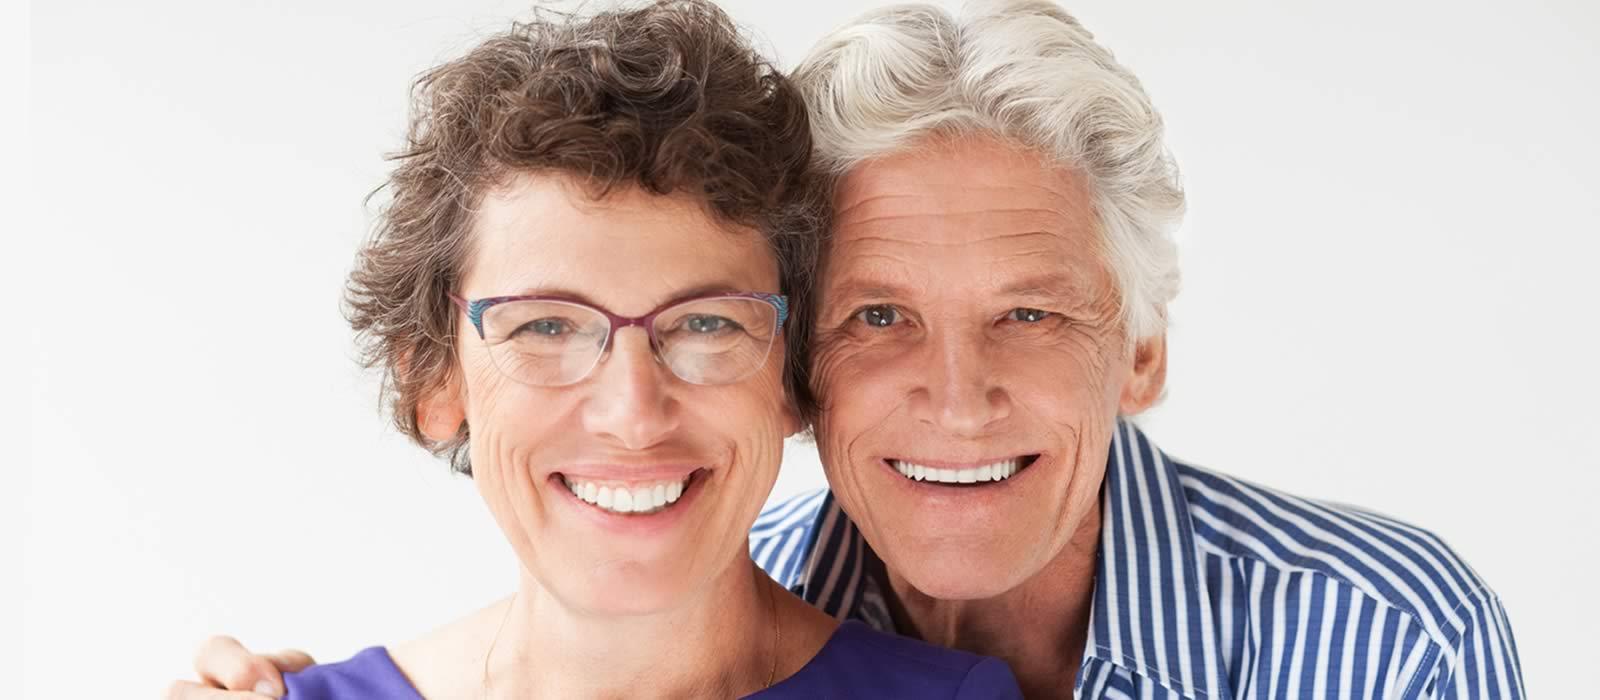 Menopausia: Qué es, síntomas y cómo tratarla adecuadamente